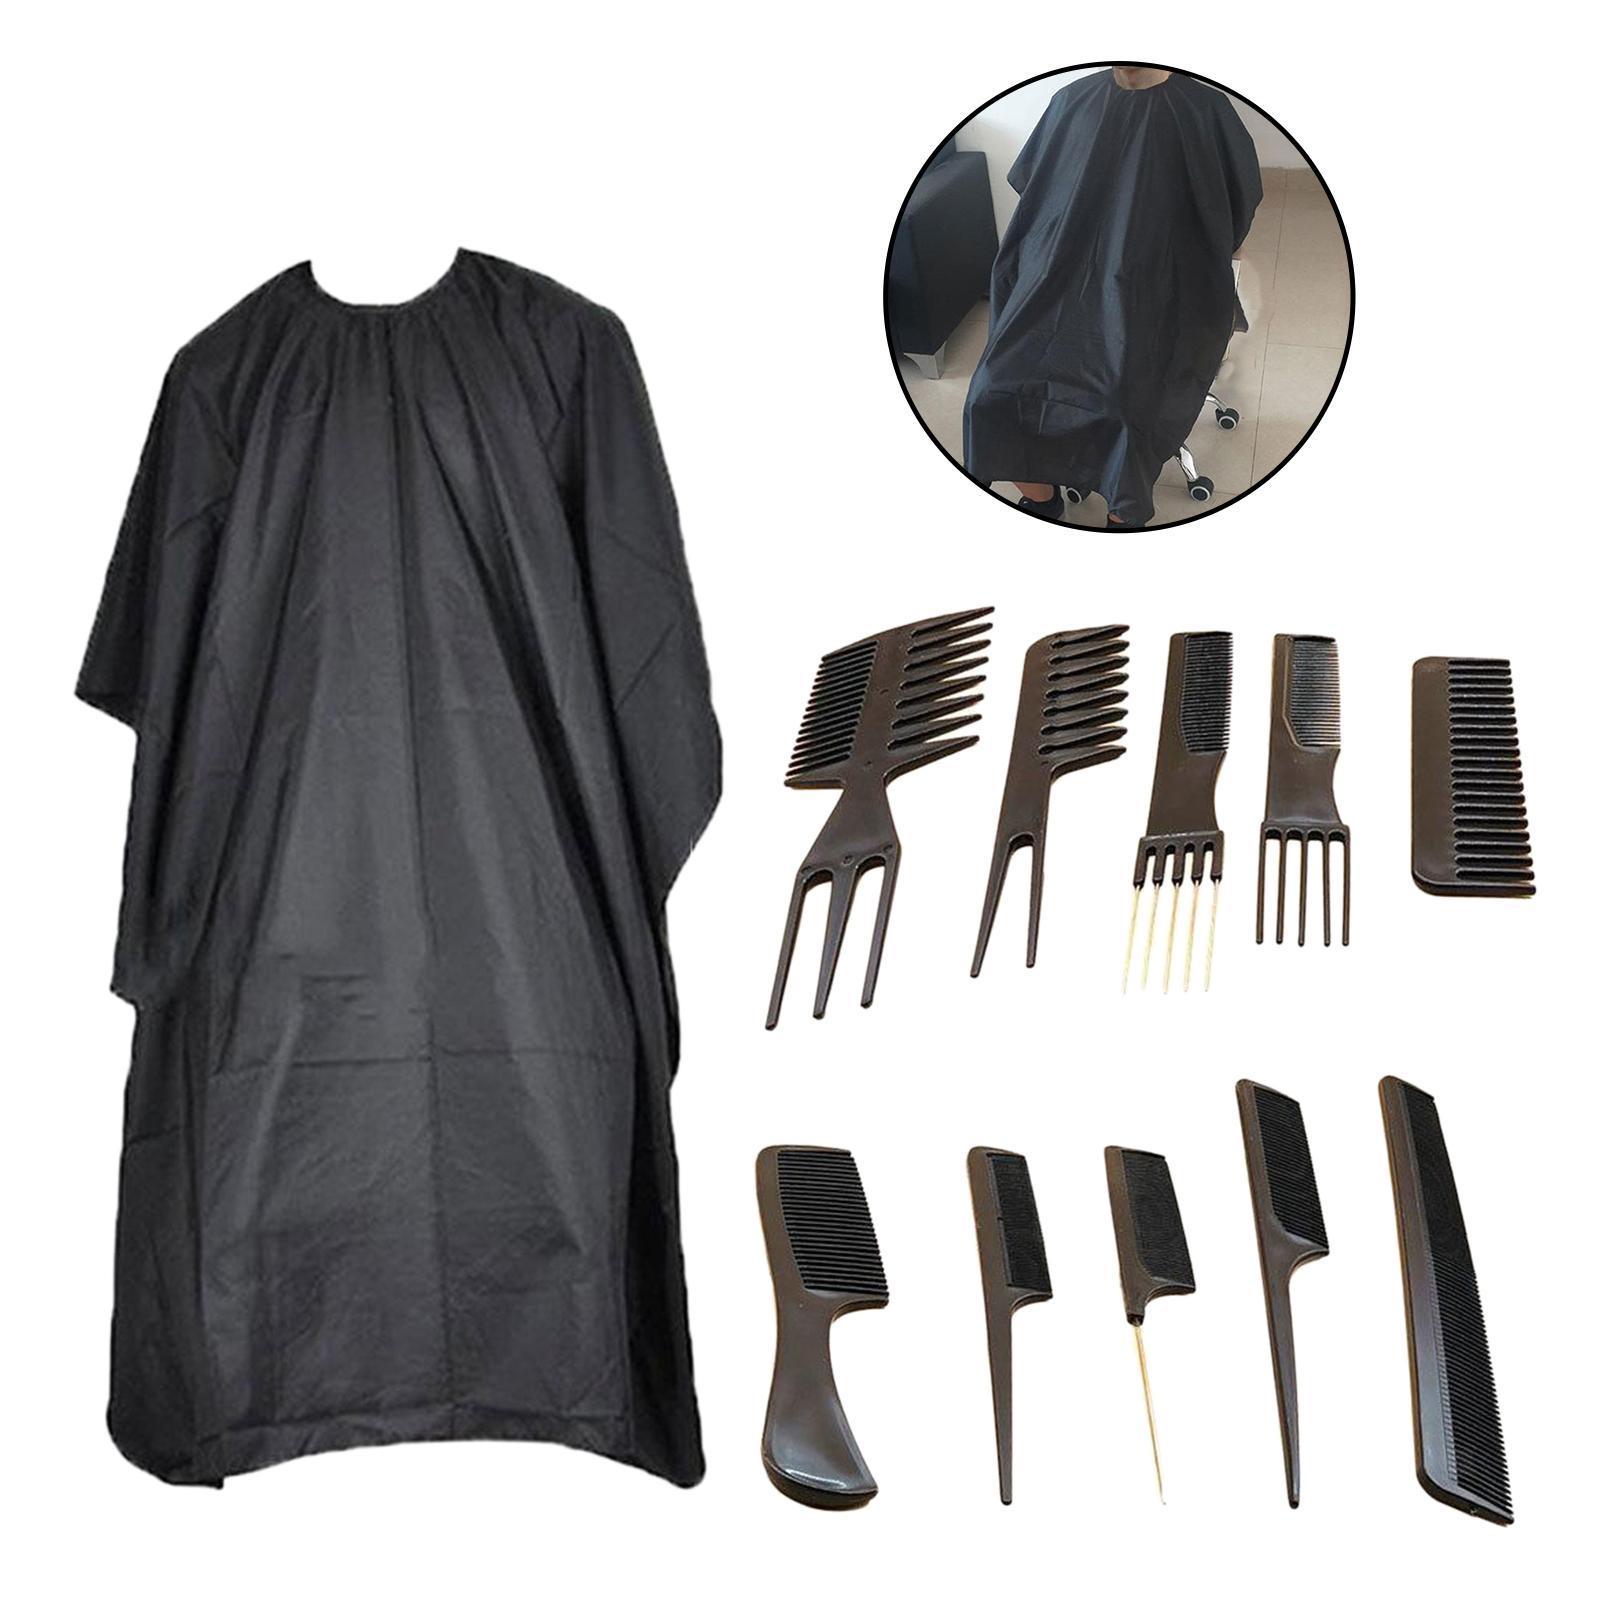 miniatura 3 - Parrucchiere Parrucchiere Spazzola per capelli Set di pettini Strumenti Taglio